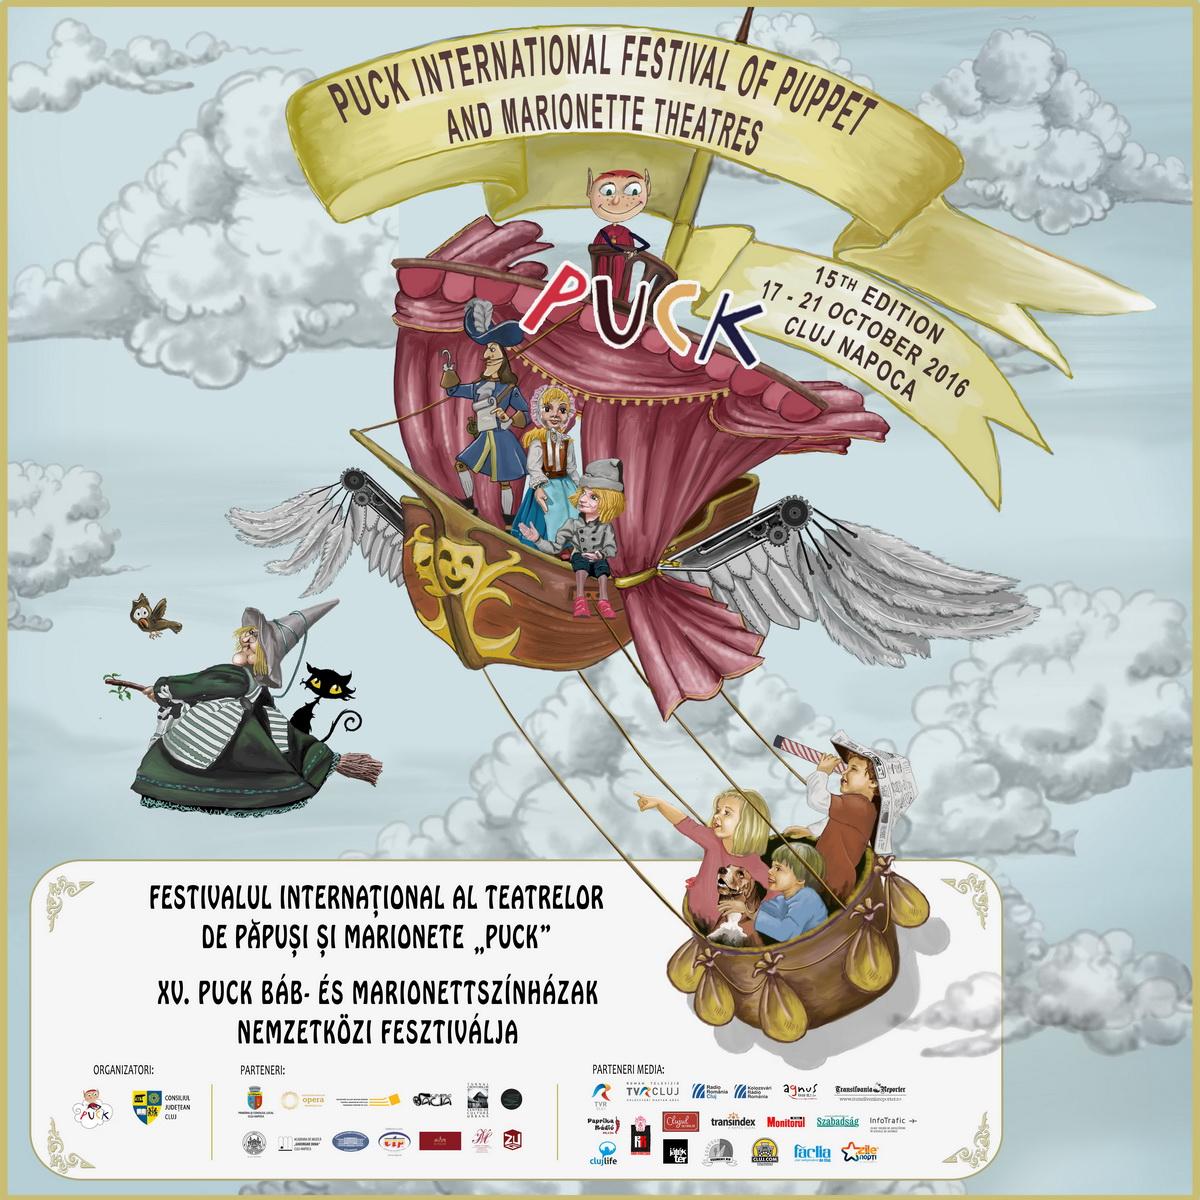 """Festivalul Internațional al Teatrelor de Păpuși și Marionete """"Puck"""" 2016"""